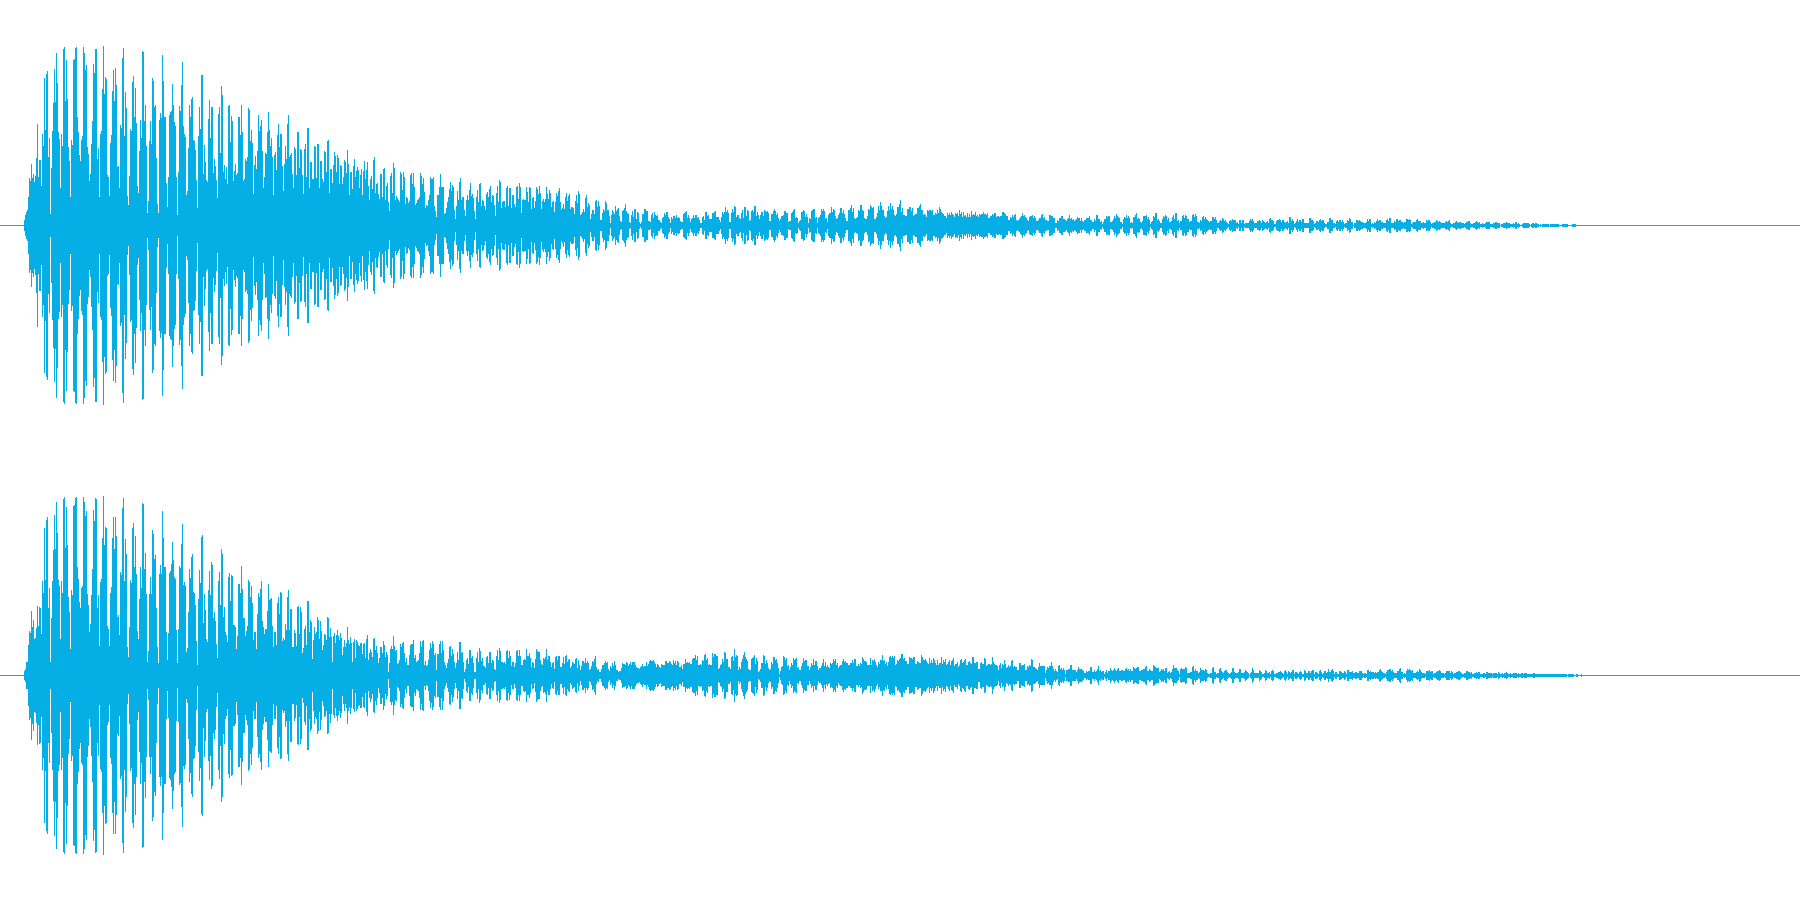 ポッやポーンと聞こえる1秒の効果音の再生済みの波形